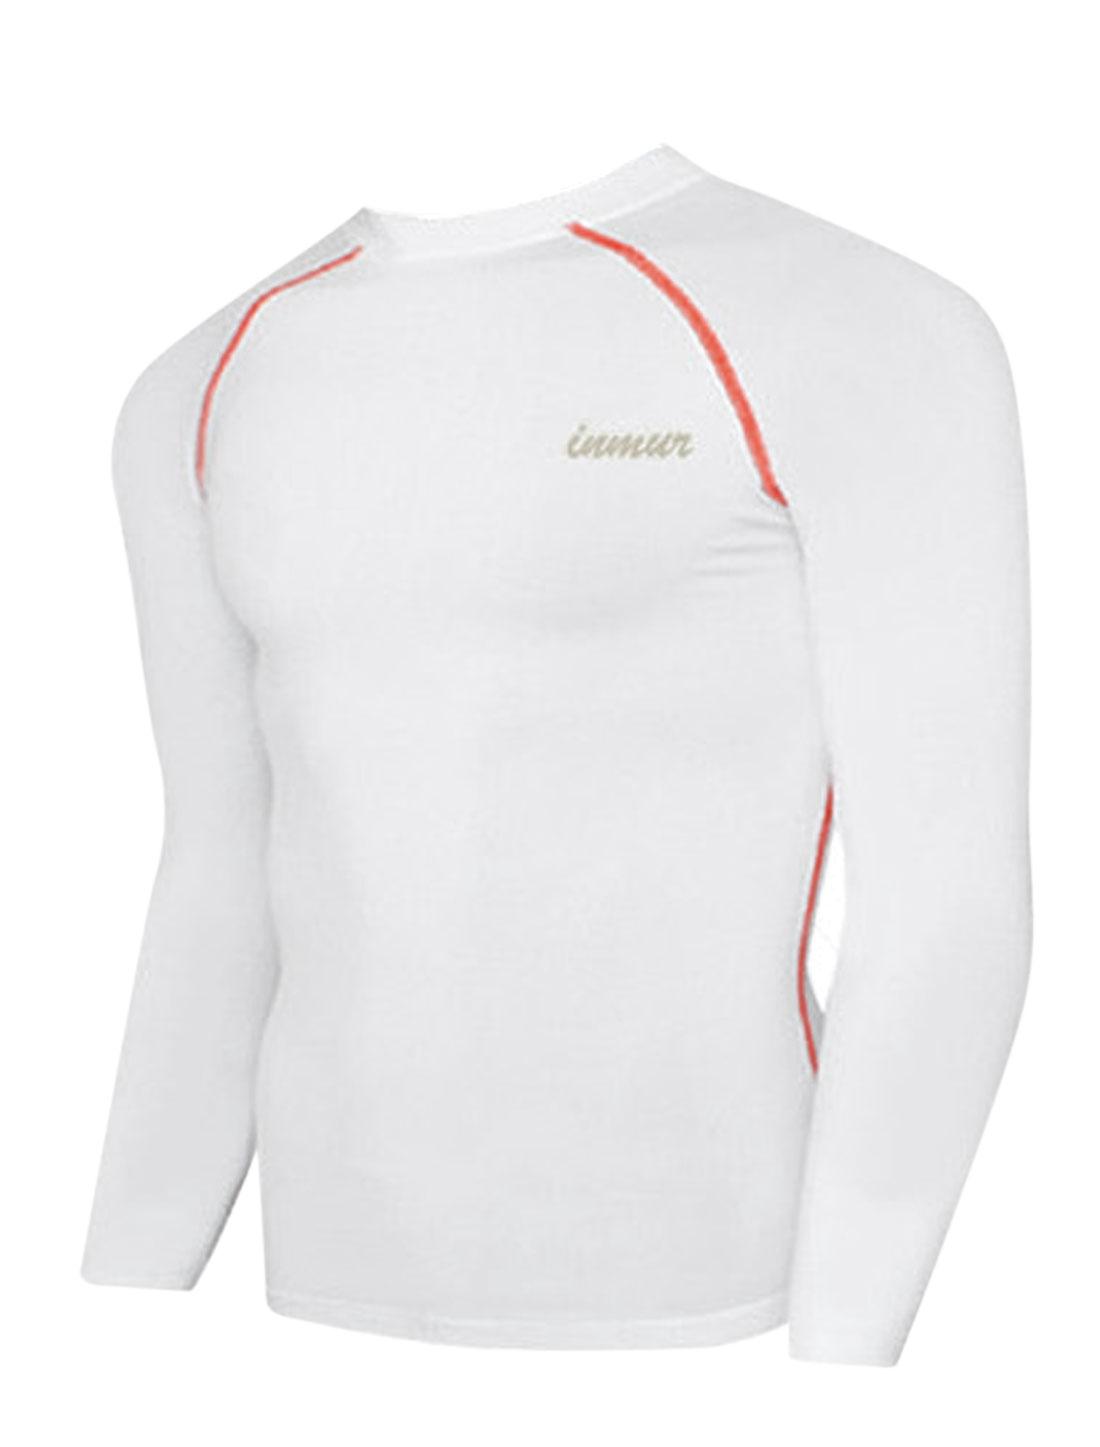 Men Soft Round Neck Letters Detail Cozy Fit Sport Shirt White M